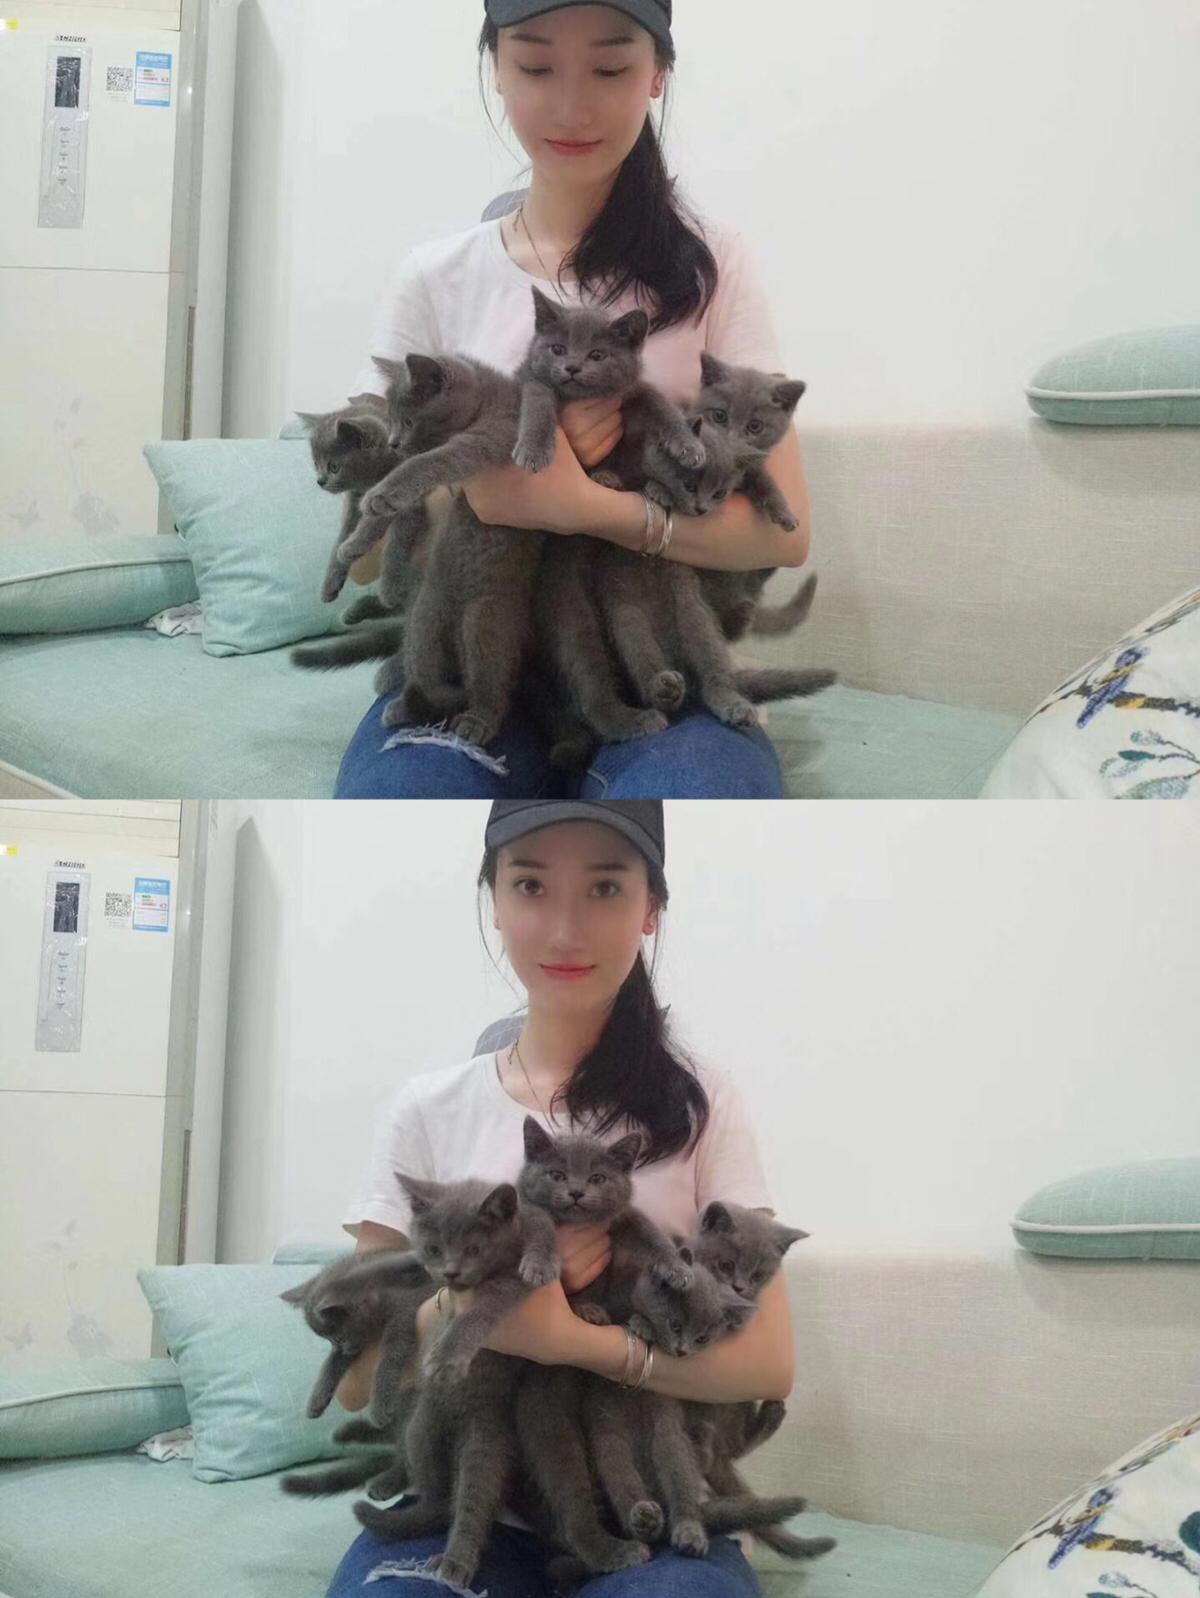 广州珠海深圳包子脸纯种蓝猫网红猫同款可上门取猫活体健康DD弟弟